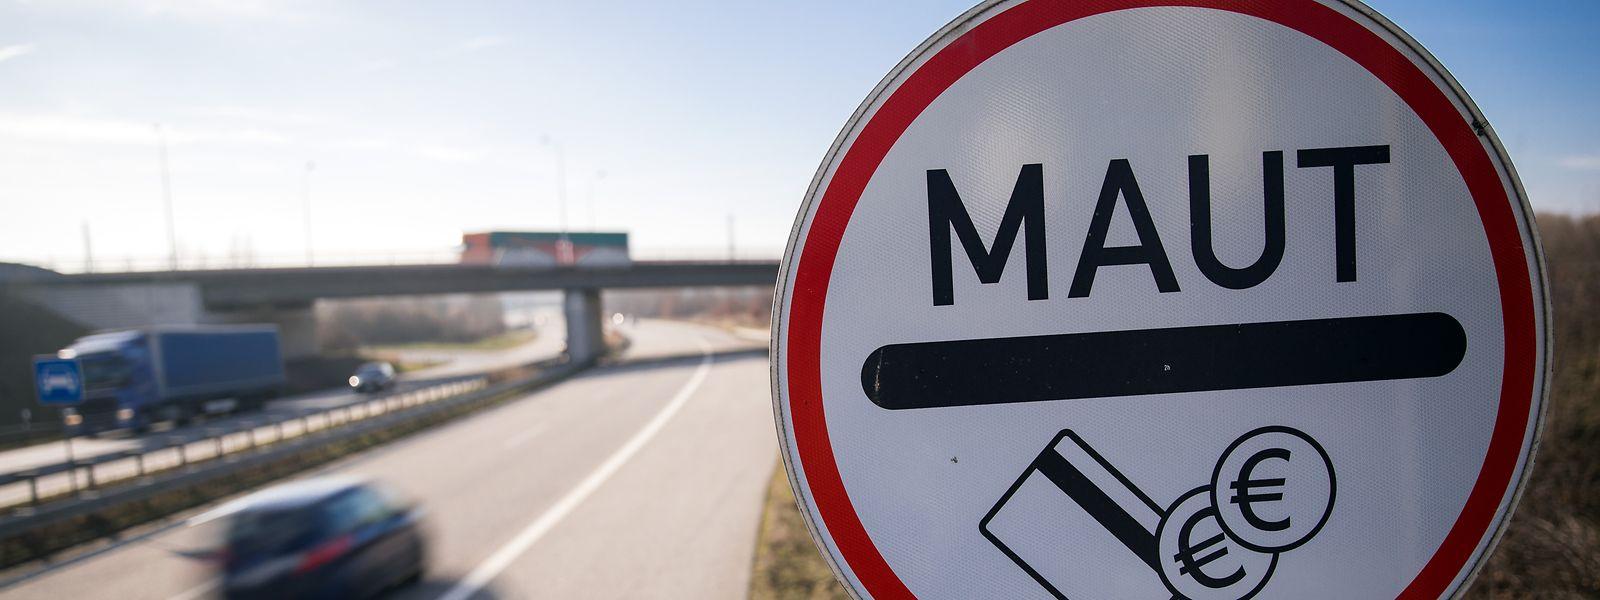 Ausländer sollten ab Oktober 2020 auf deutschen Autobahnen Maut bezahlen. Der Europäische Gerichtshof hat der Regierung in Berlin nun einen Strich durch die Rechnung gemacht.